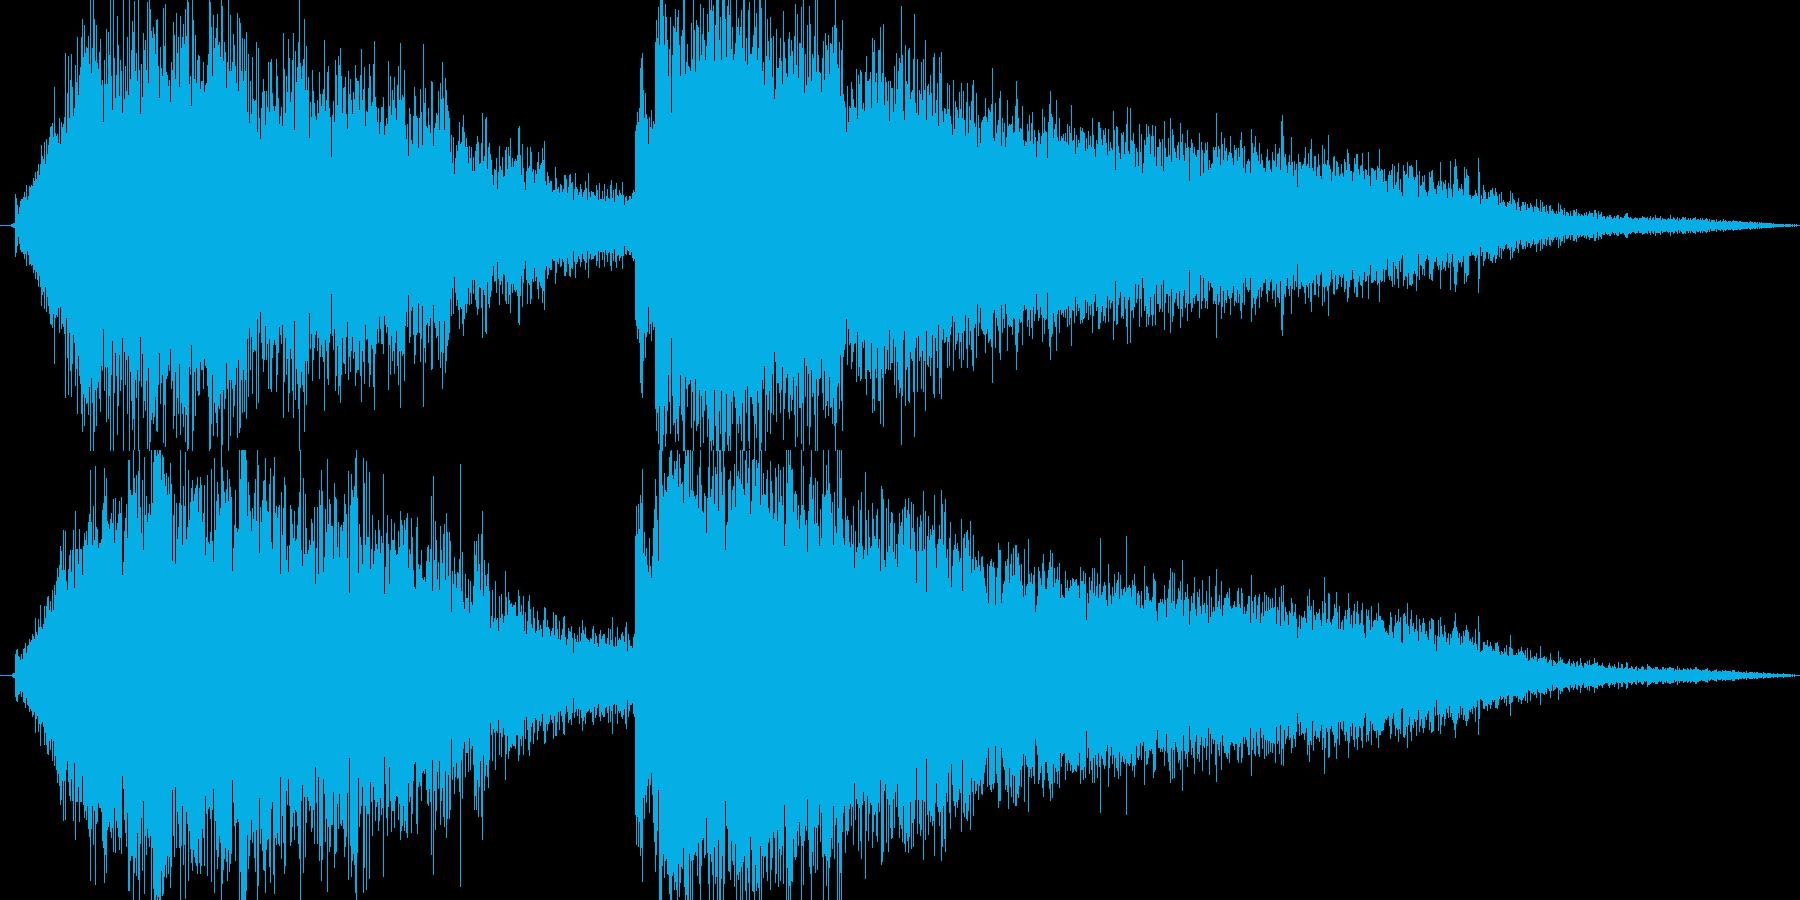 氷魔法(巨大な氷に閉じ込める)の再生済みの波形